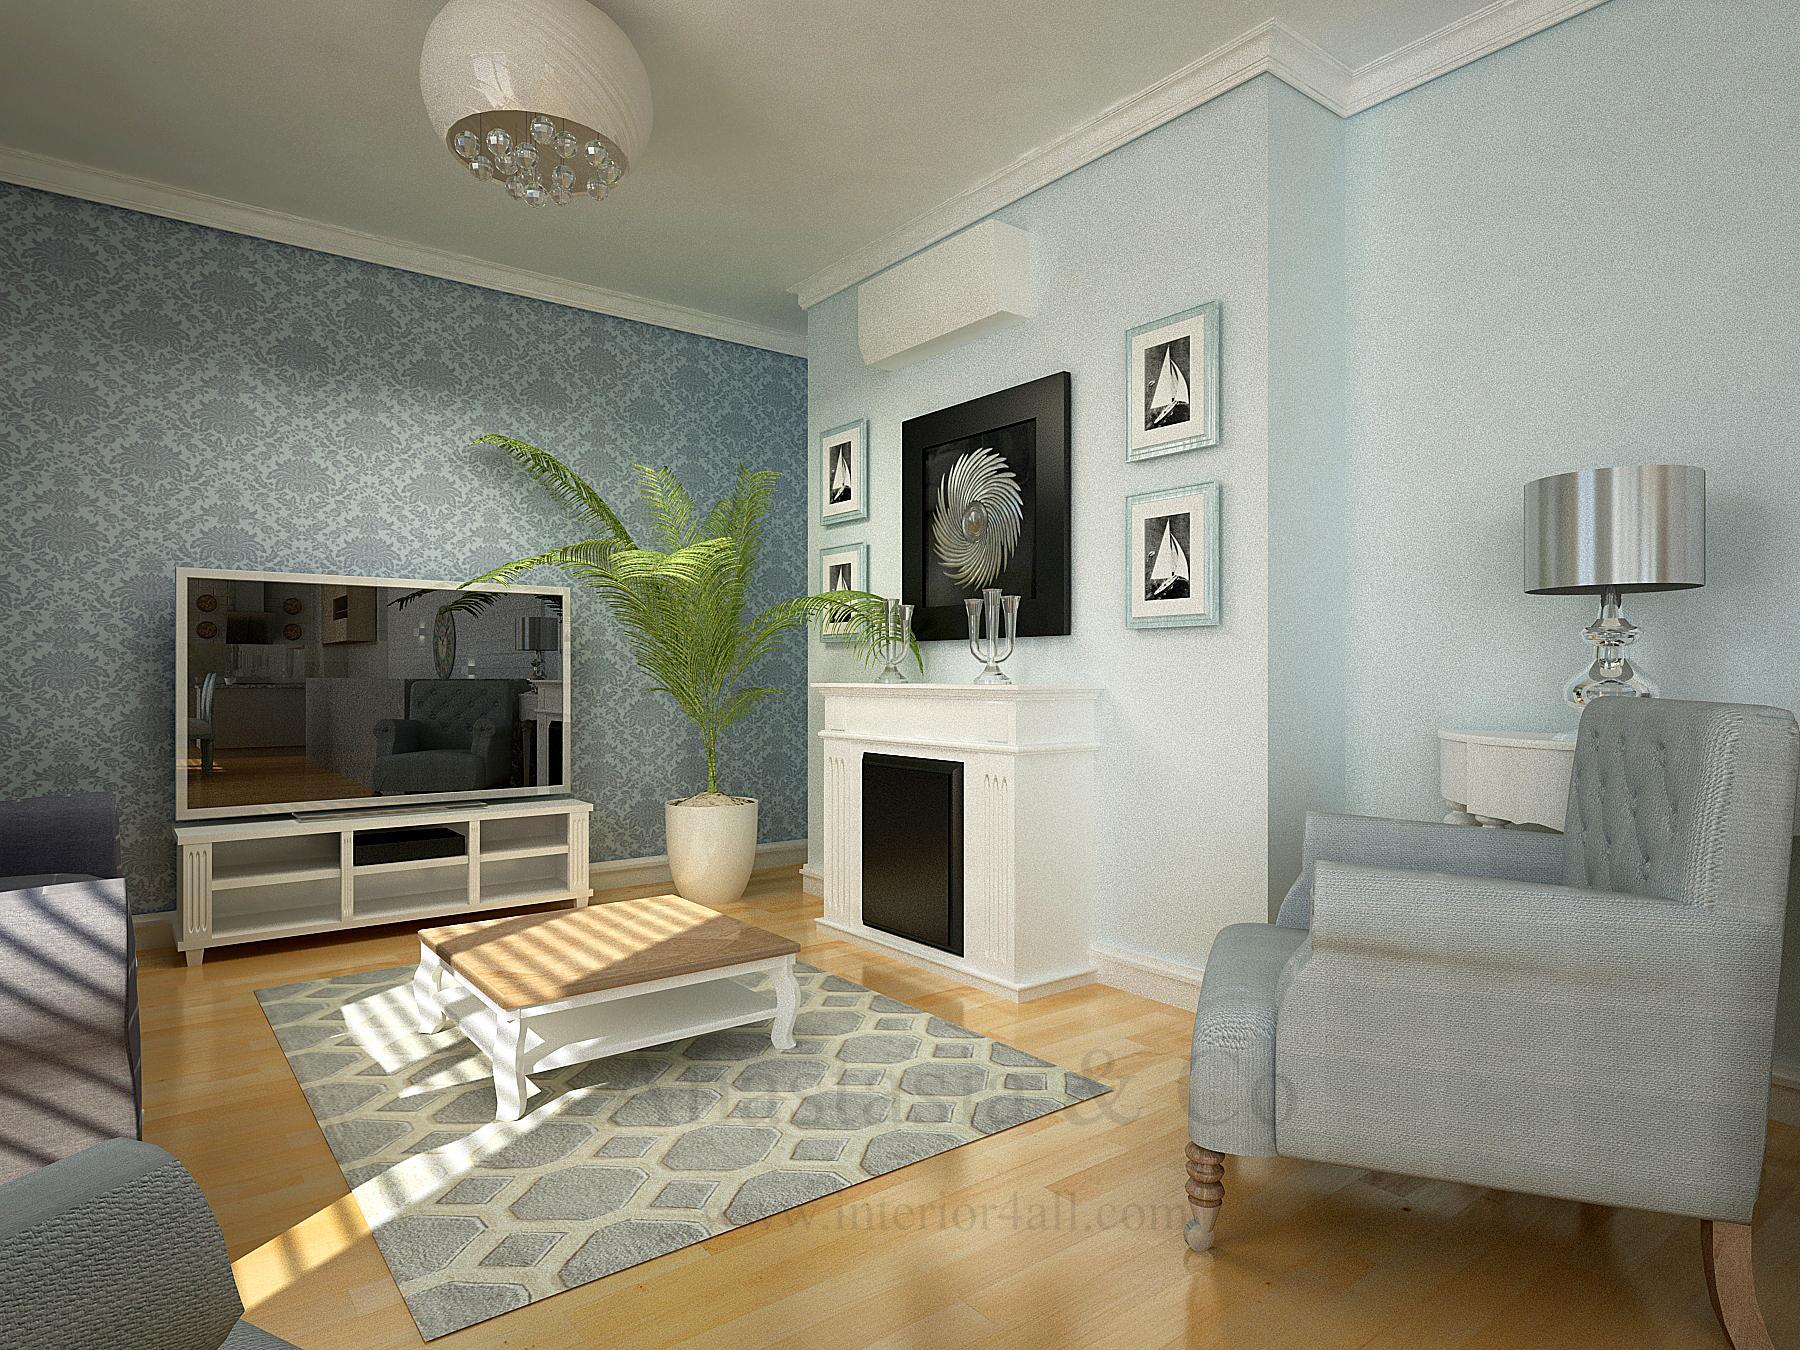 Kamin Im Wohnzimmer wohnzimmer kamin bilder ideen couchstyle